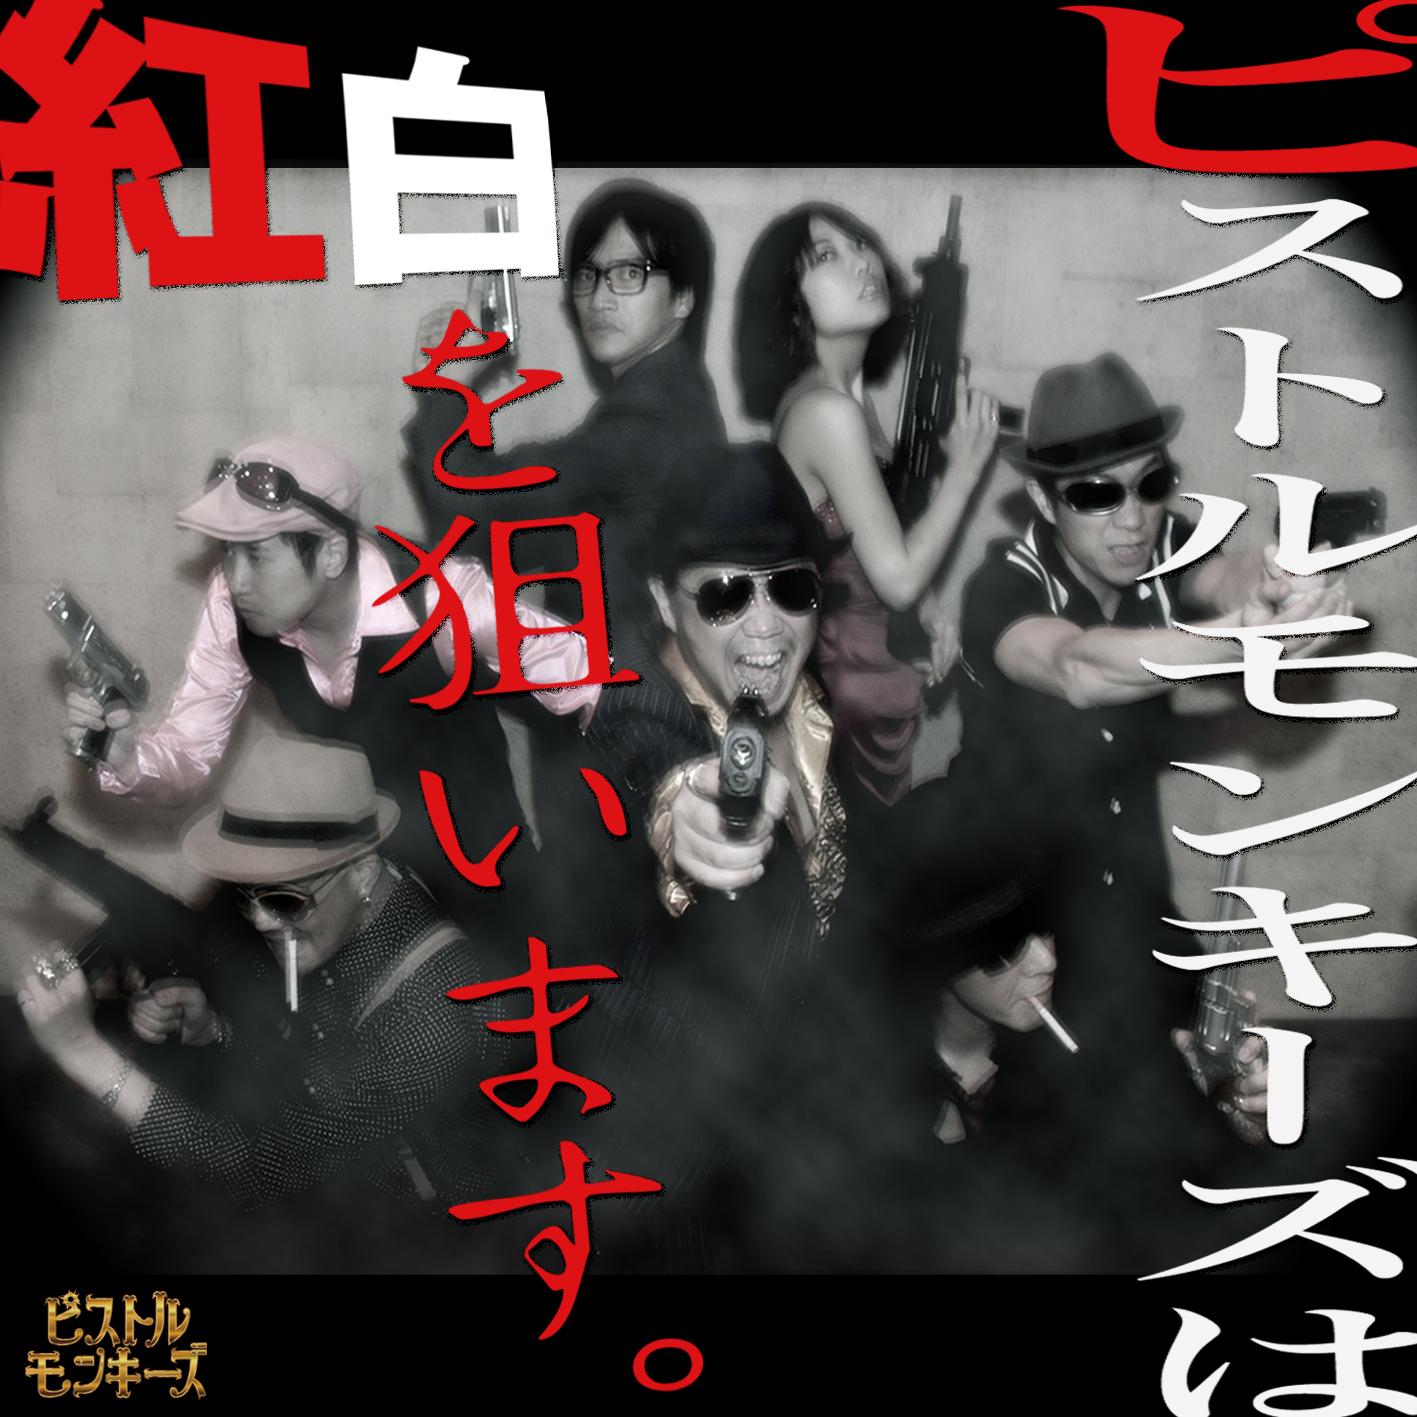 《1stフルアルバム『ピストルモンキーズは紅白を狙います!』CDフラゲプラン》